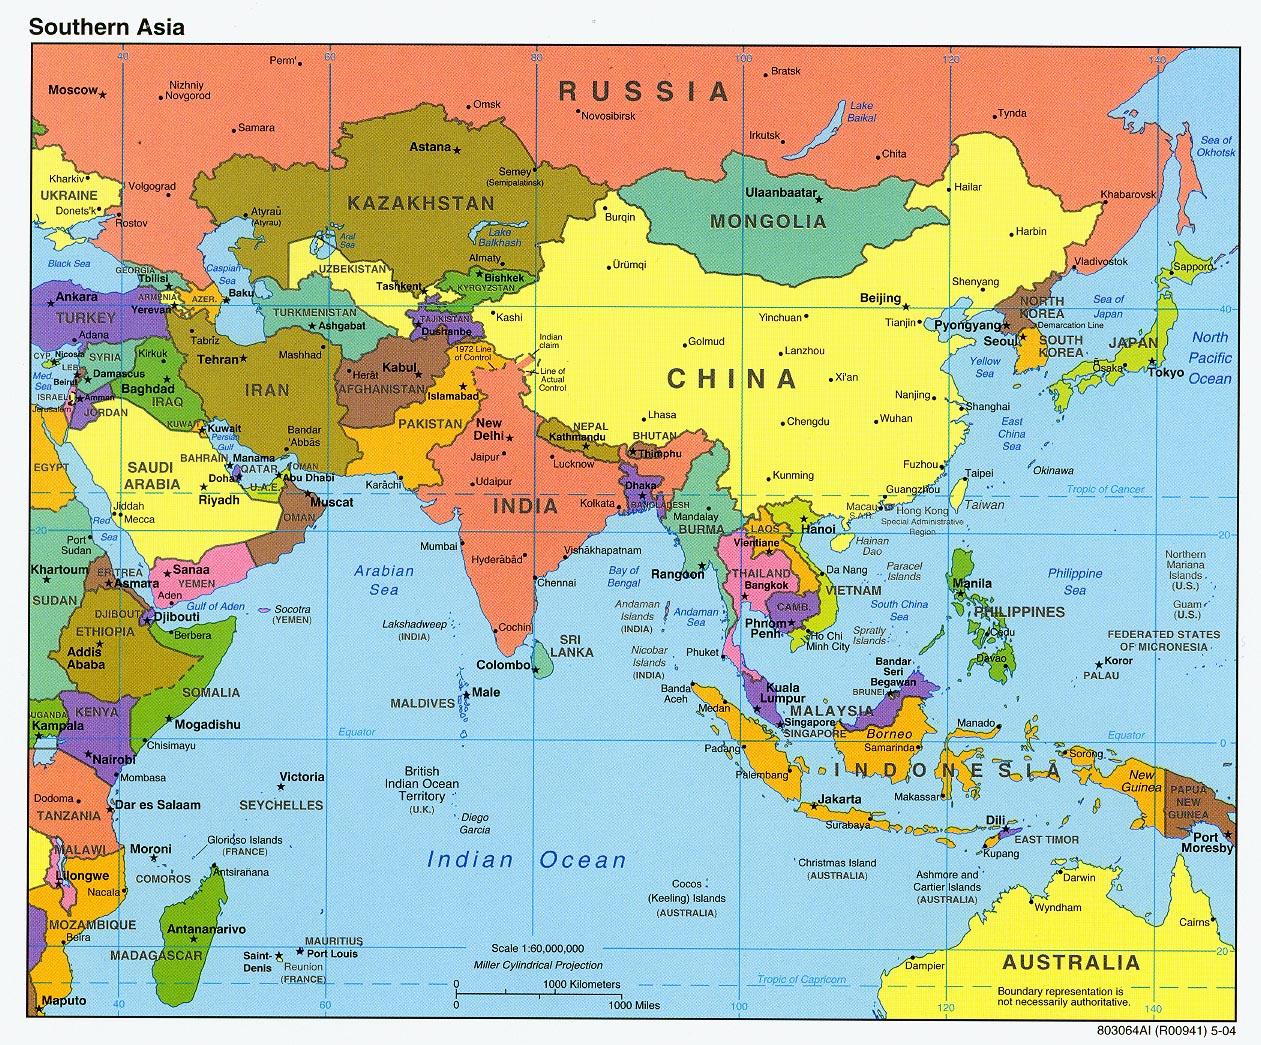 Mapa politico de asia del sur 2004